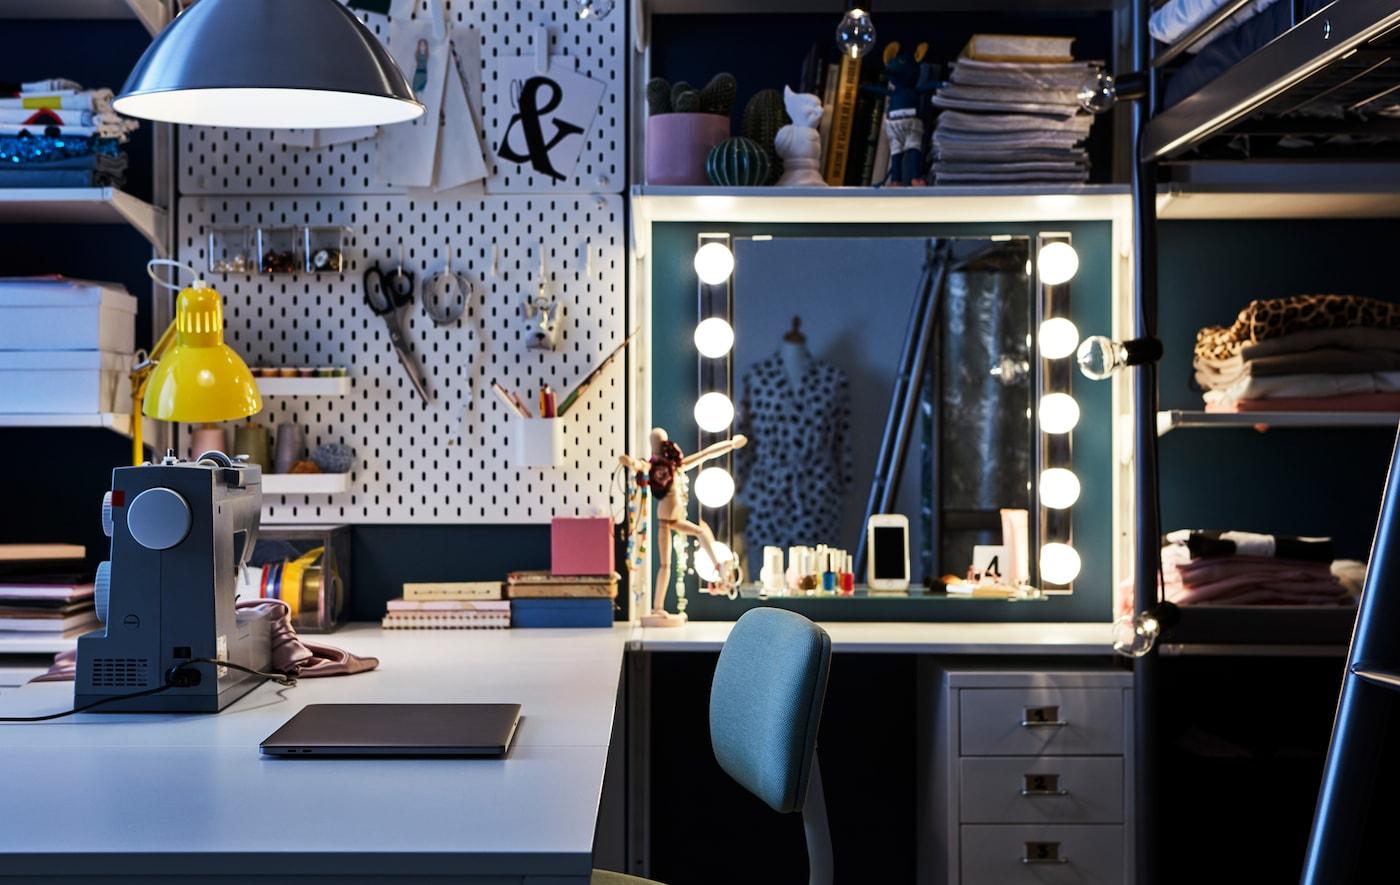 Maksimalno iskoristi ograničeni prostor uz fleksibilne dodatke, kao što je ova IKEA SKÅDIS kombinacija rupičaste ploče.